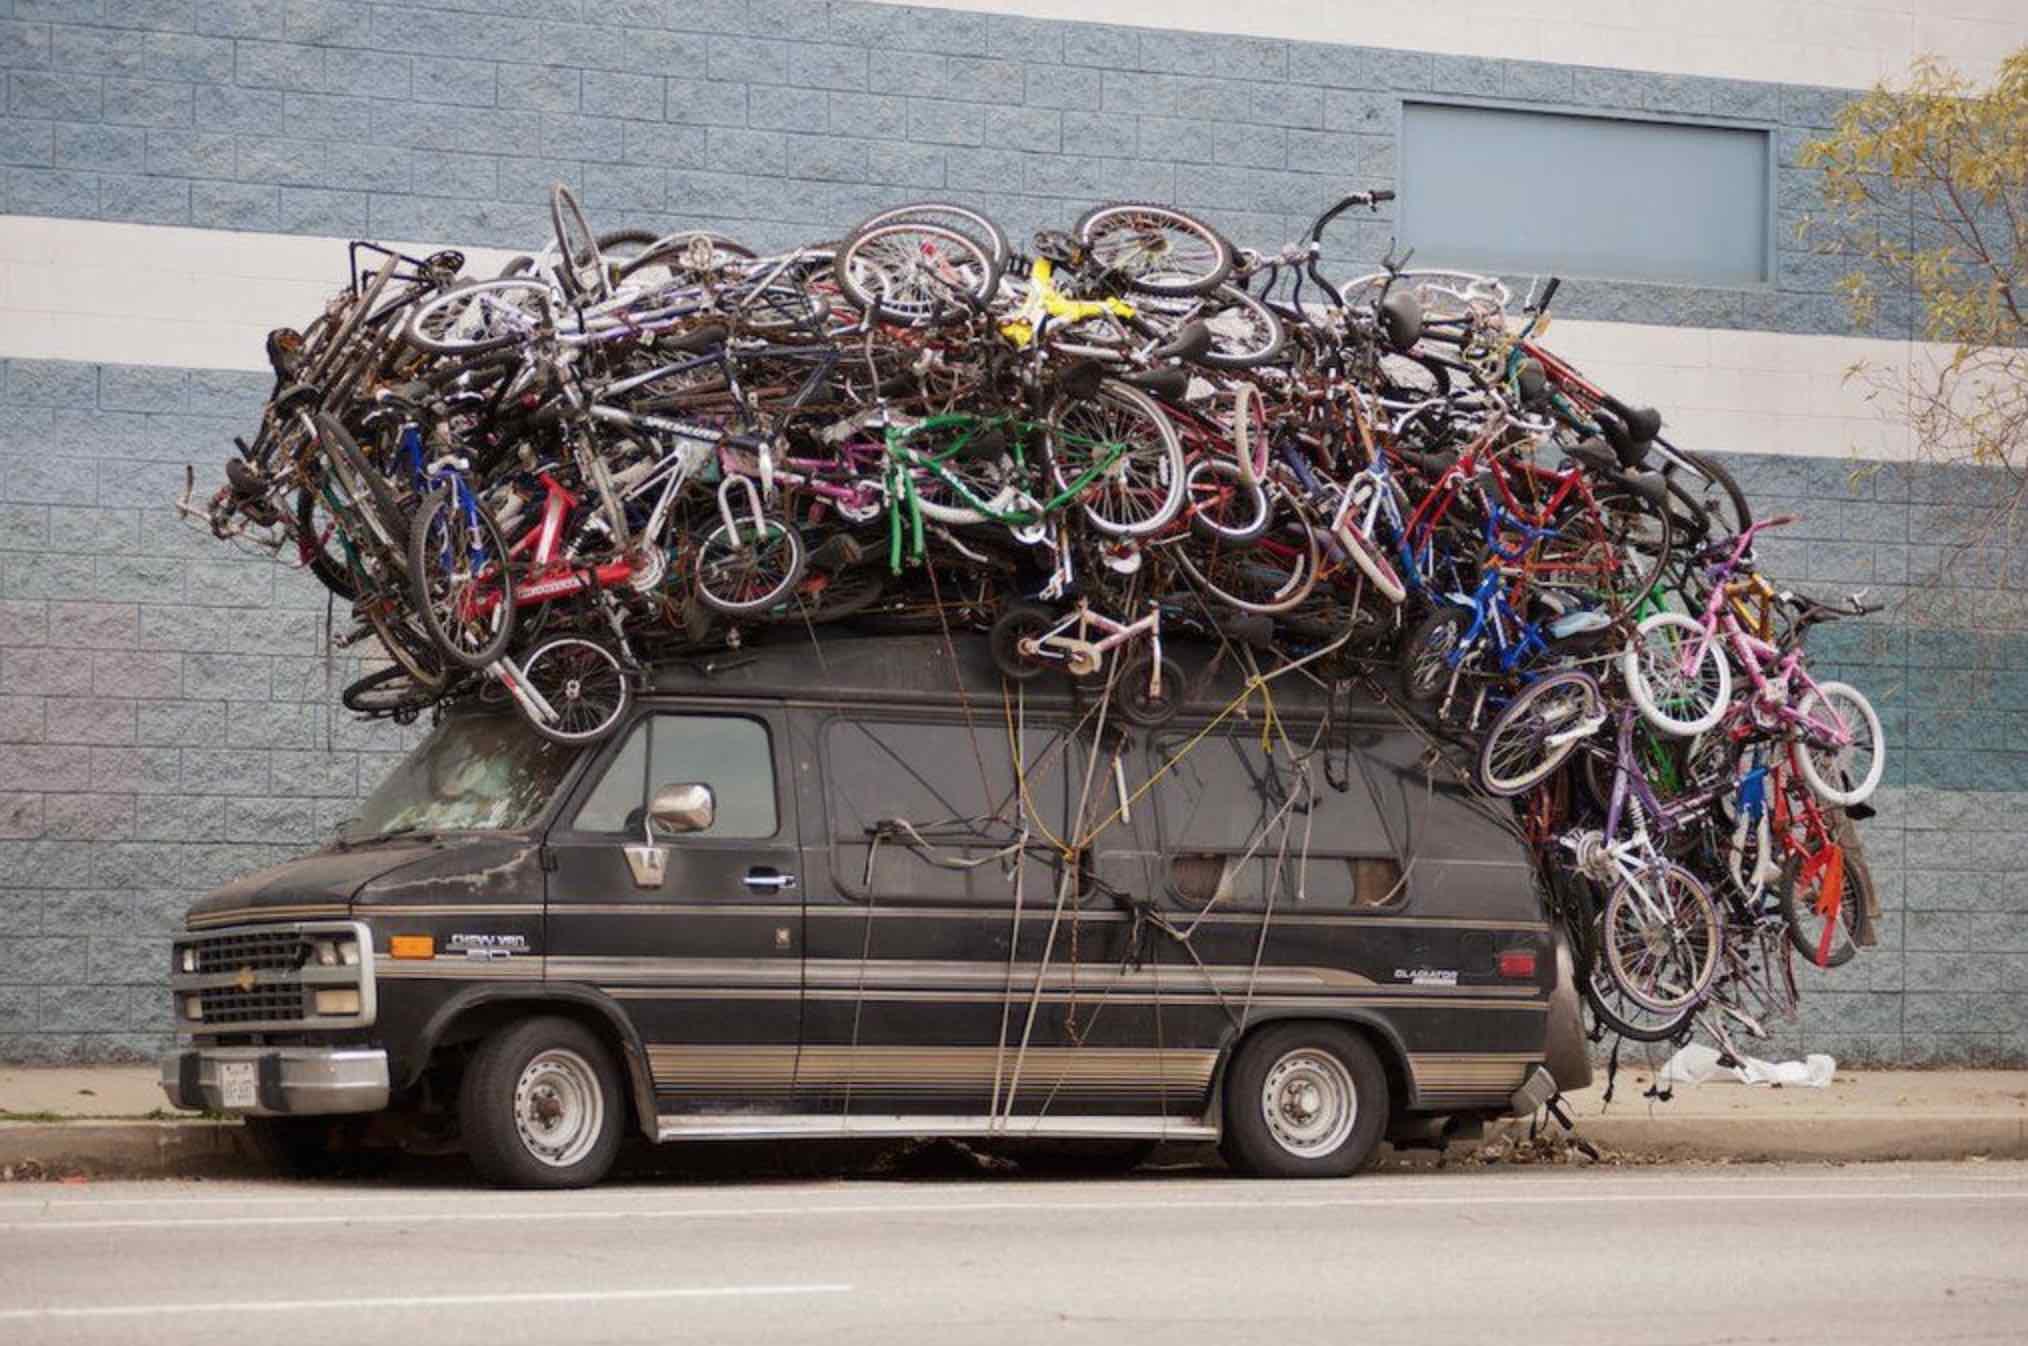 En ocasiones encontrar el portabicicletas perfecto para nuestra furgoneta camper, autocaravana o coche es un rompecabezas